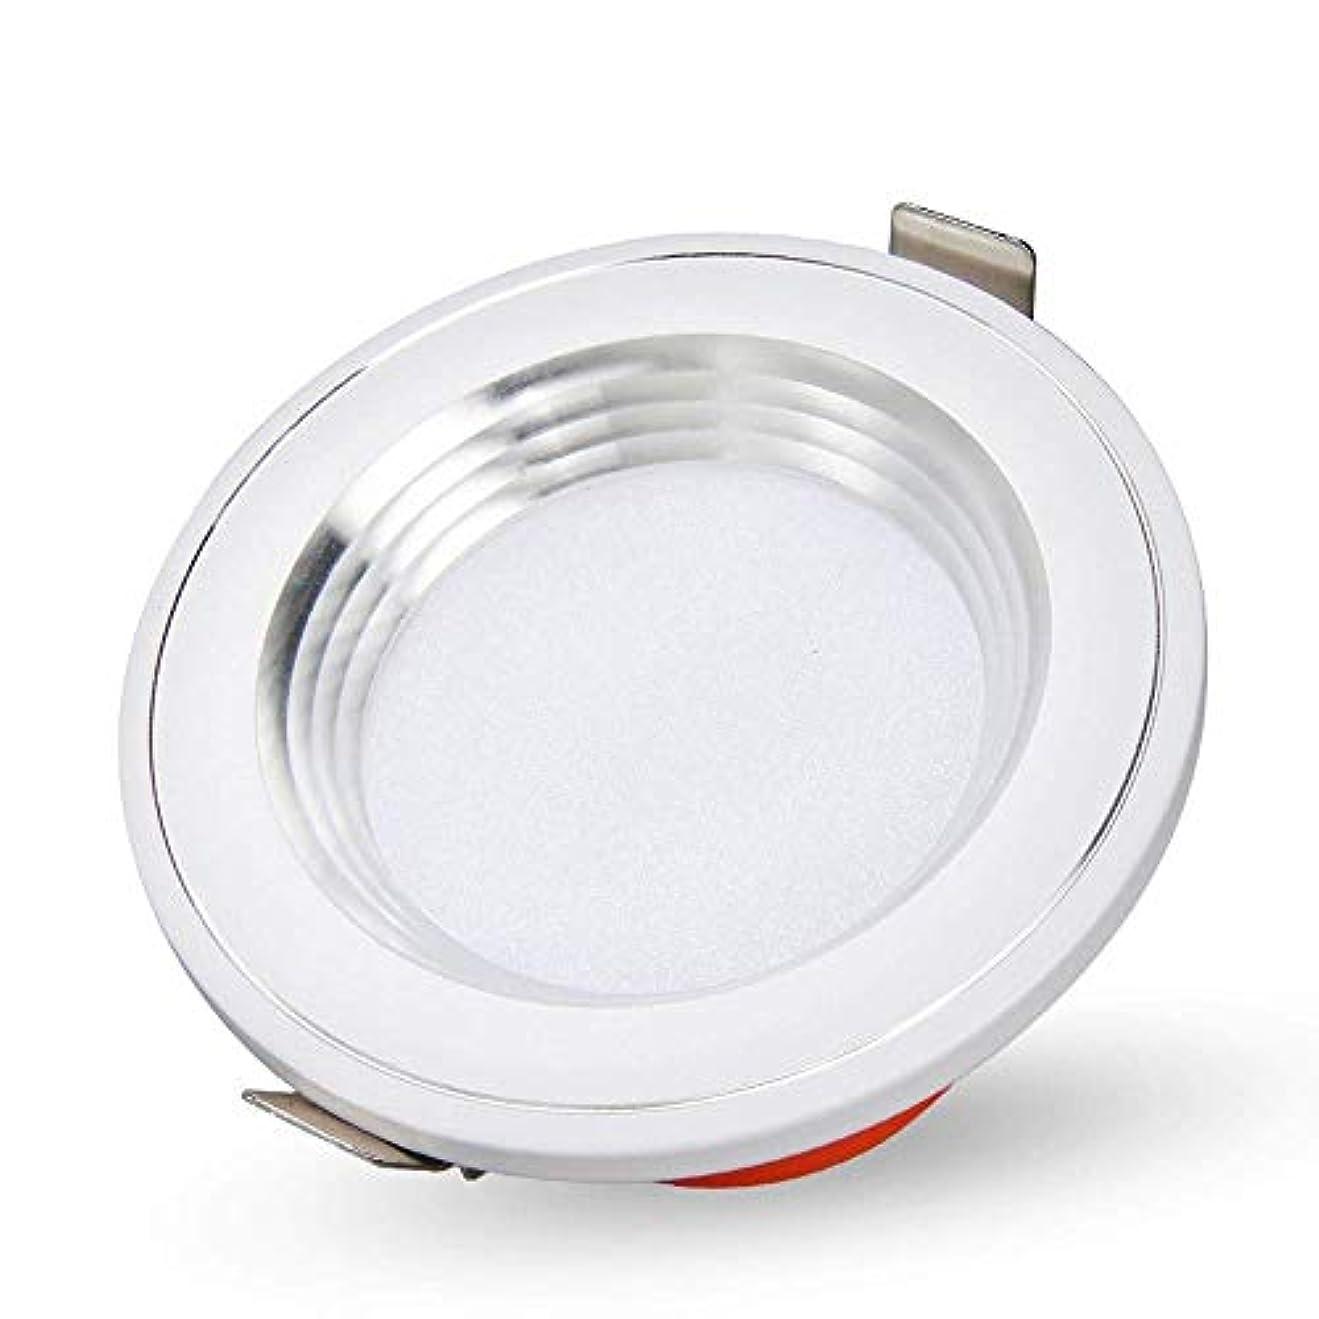 食い違い事実シュガー埋め込み型LED天井ダウンライトラウンドスポットライトリビングルームベッドルームキッチン用LEDドライバー内蔵(色:暖かい光、サイズ:3 w)